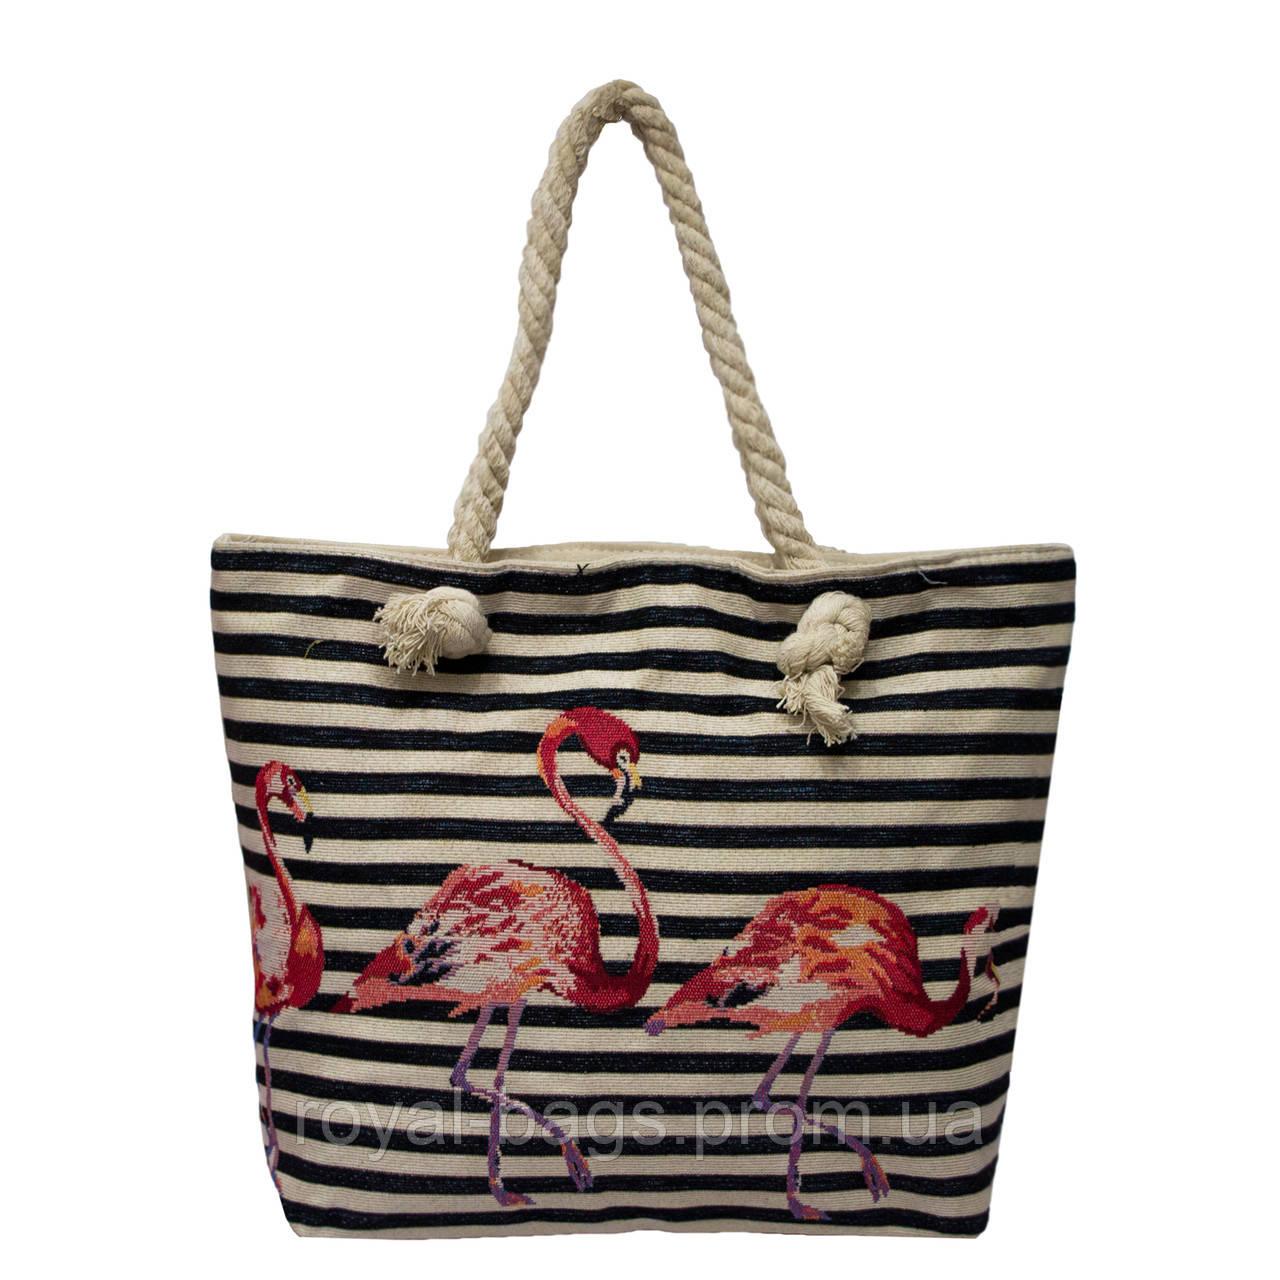 62d6264dfa5c Летняя сумка с принтами